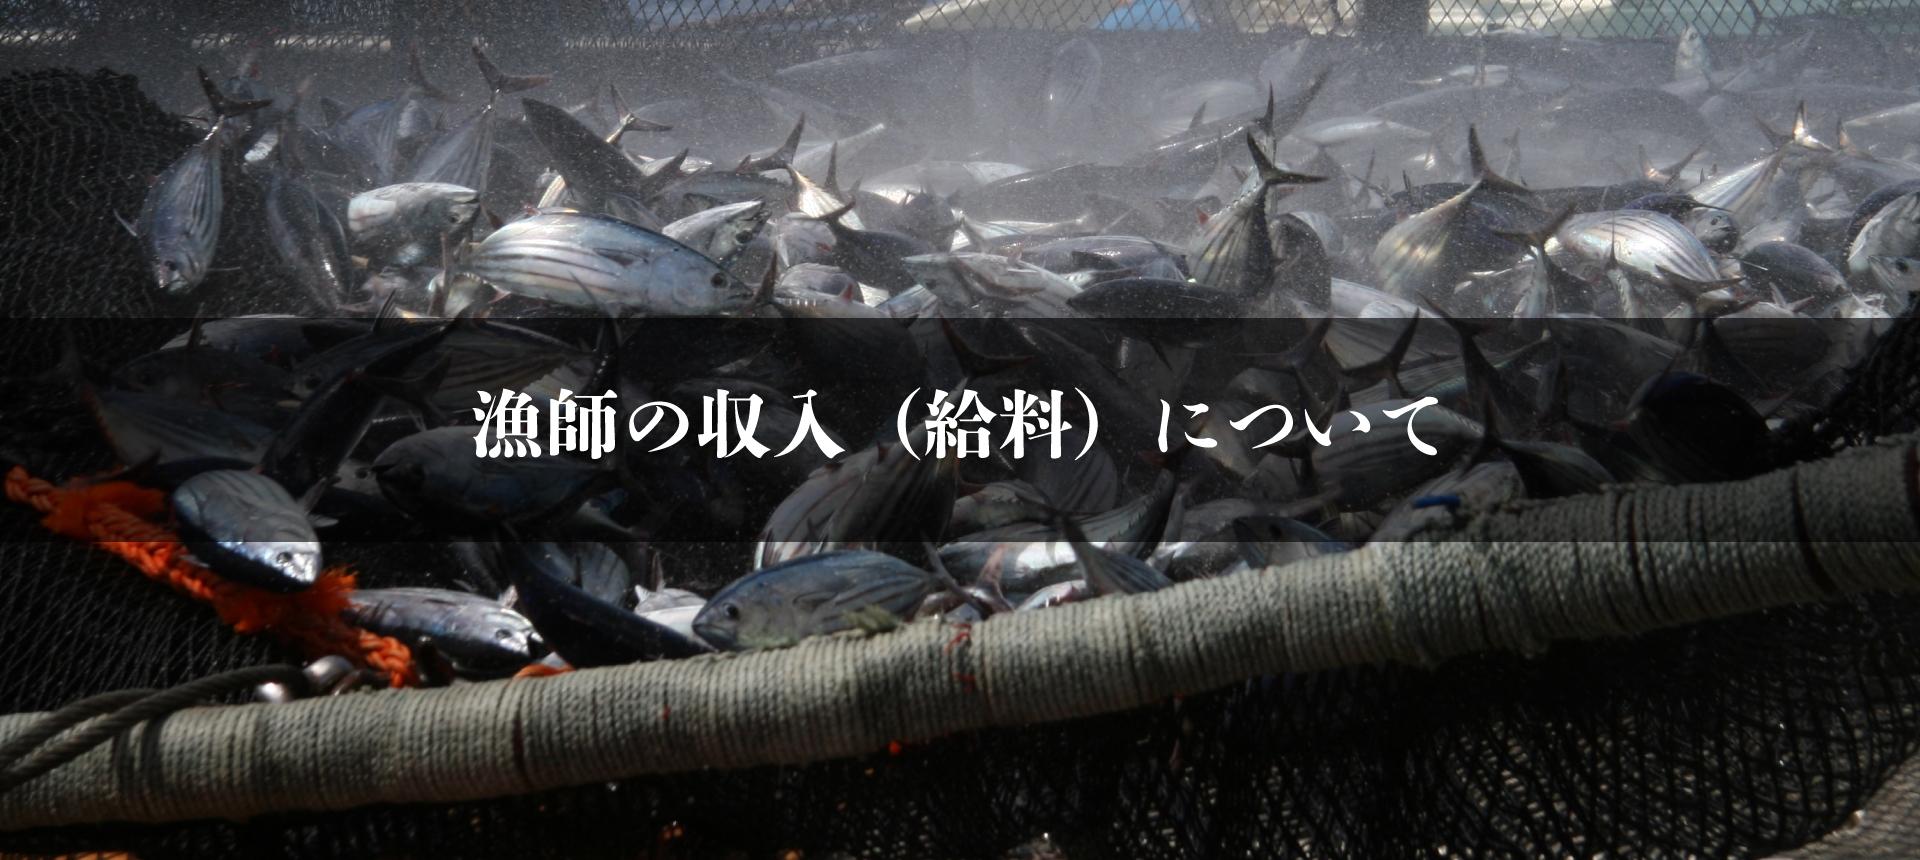 漁師の収入(給料)について